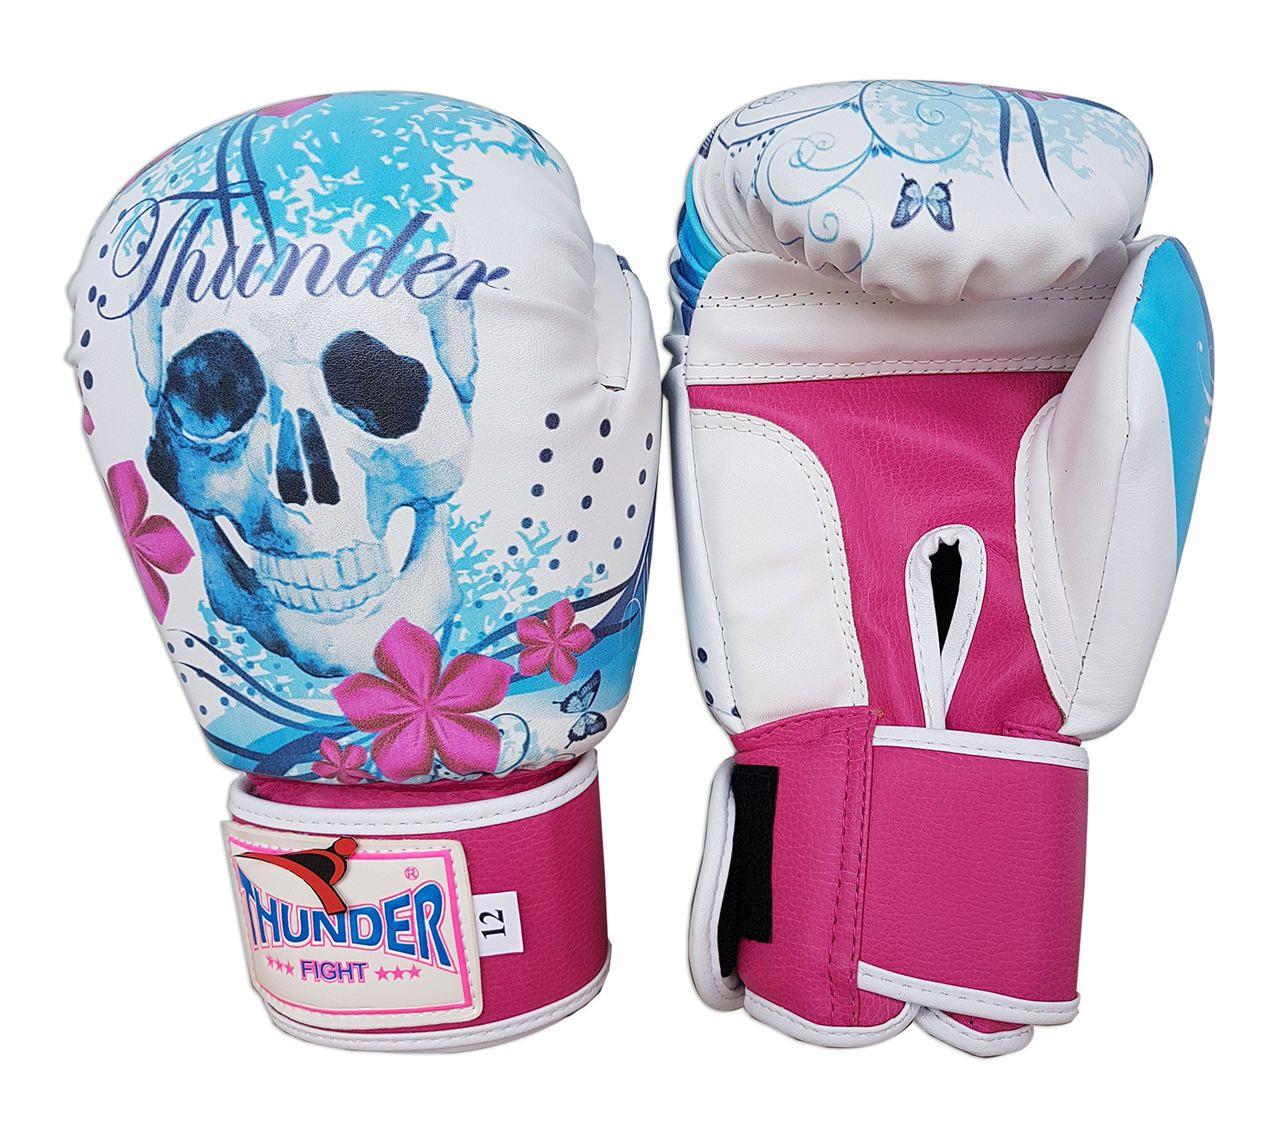 Luva de Boxe / Muay Thai 12oz Feminina - Caveira Azul com Rosa - Thunder Fight  - PRALUTA SHOP